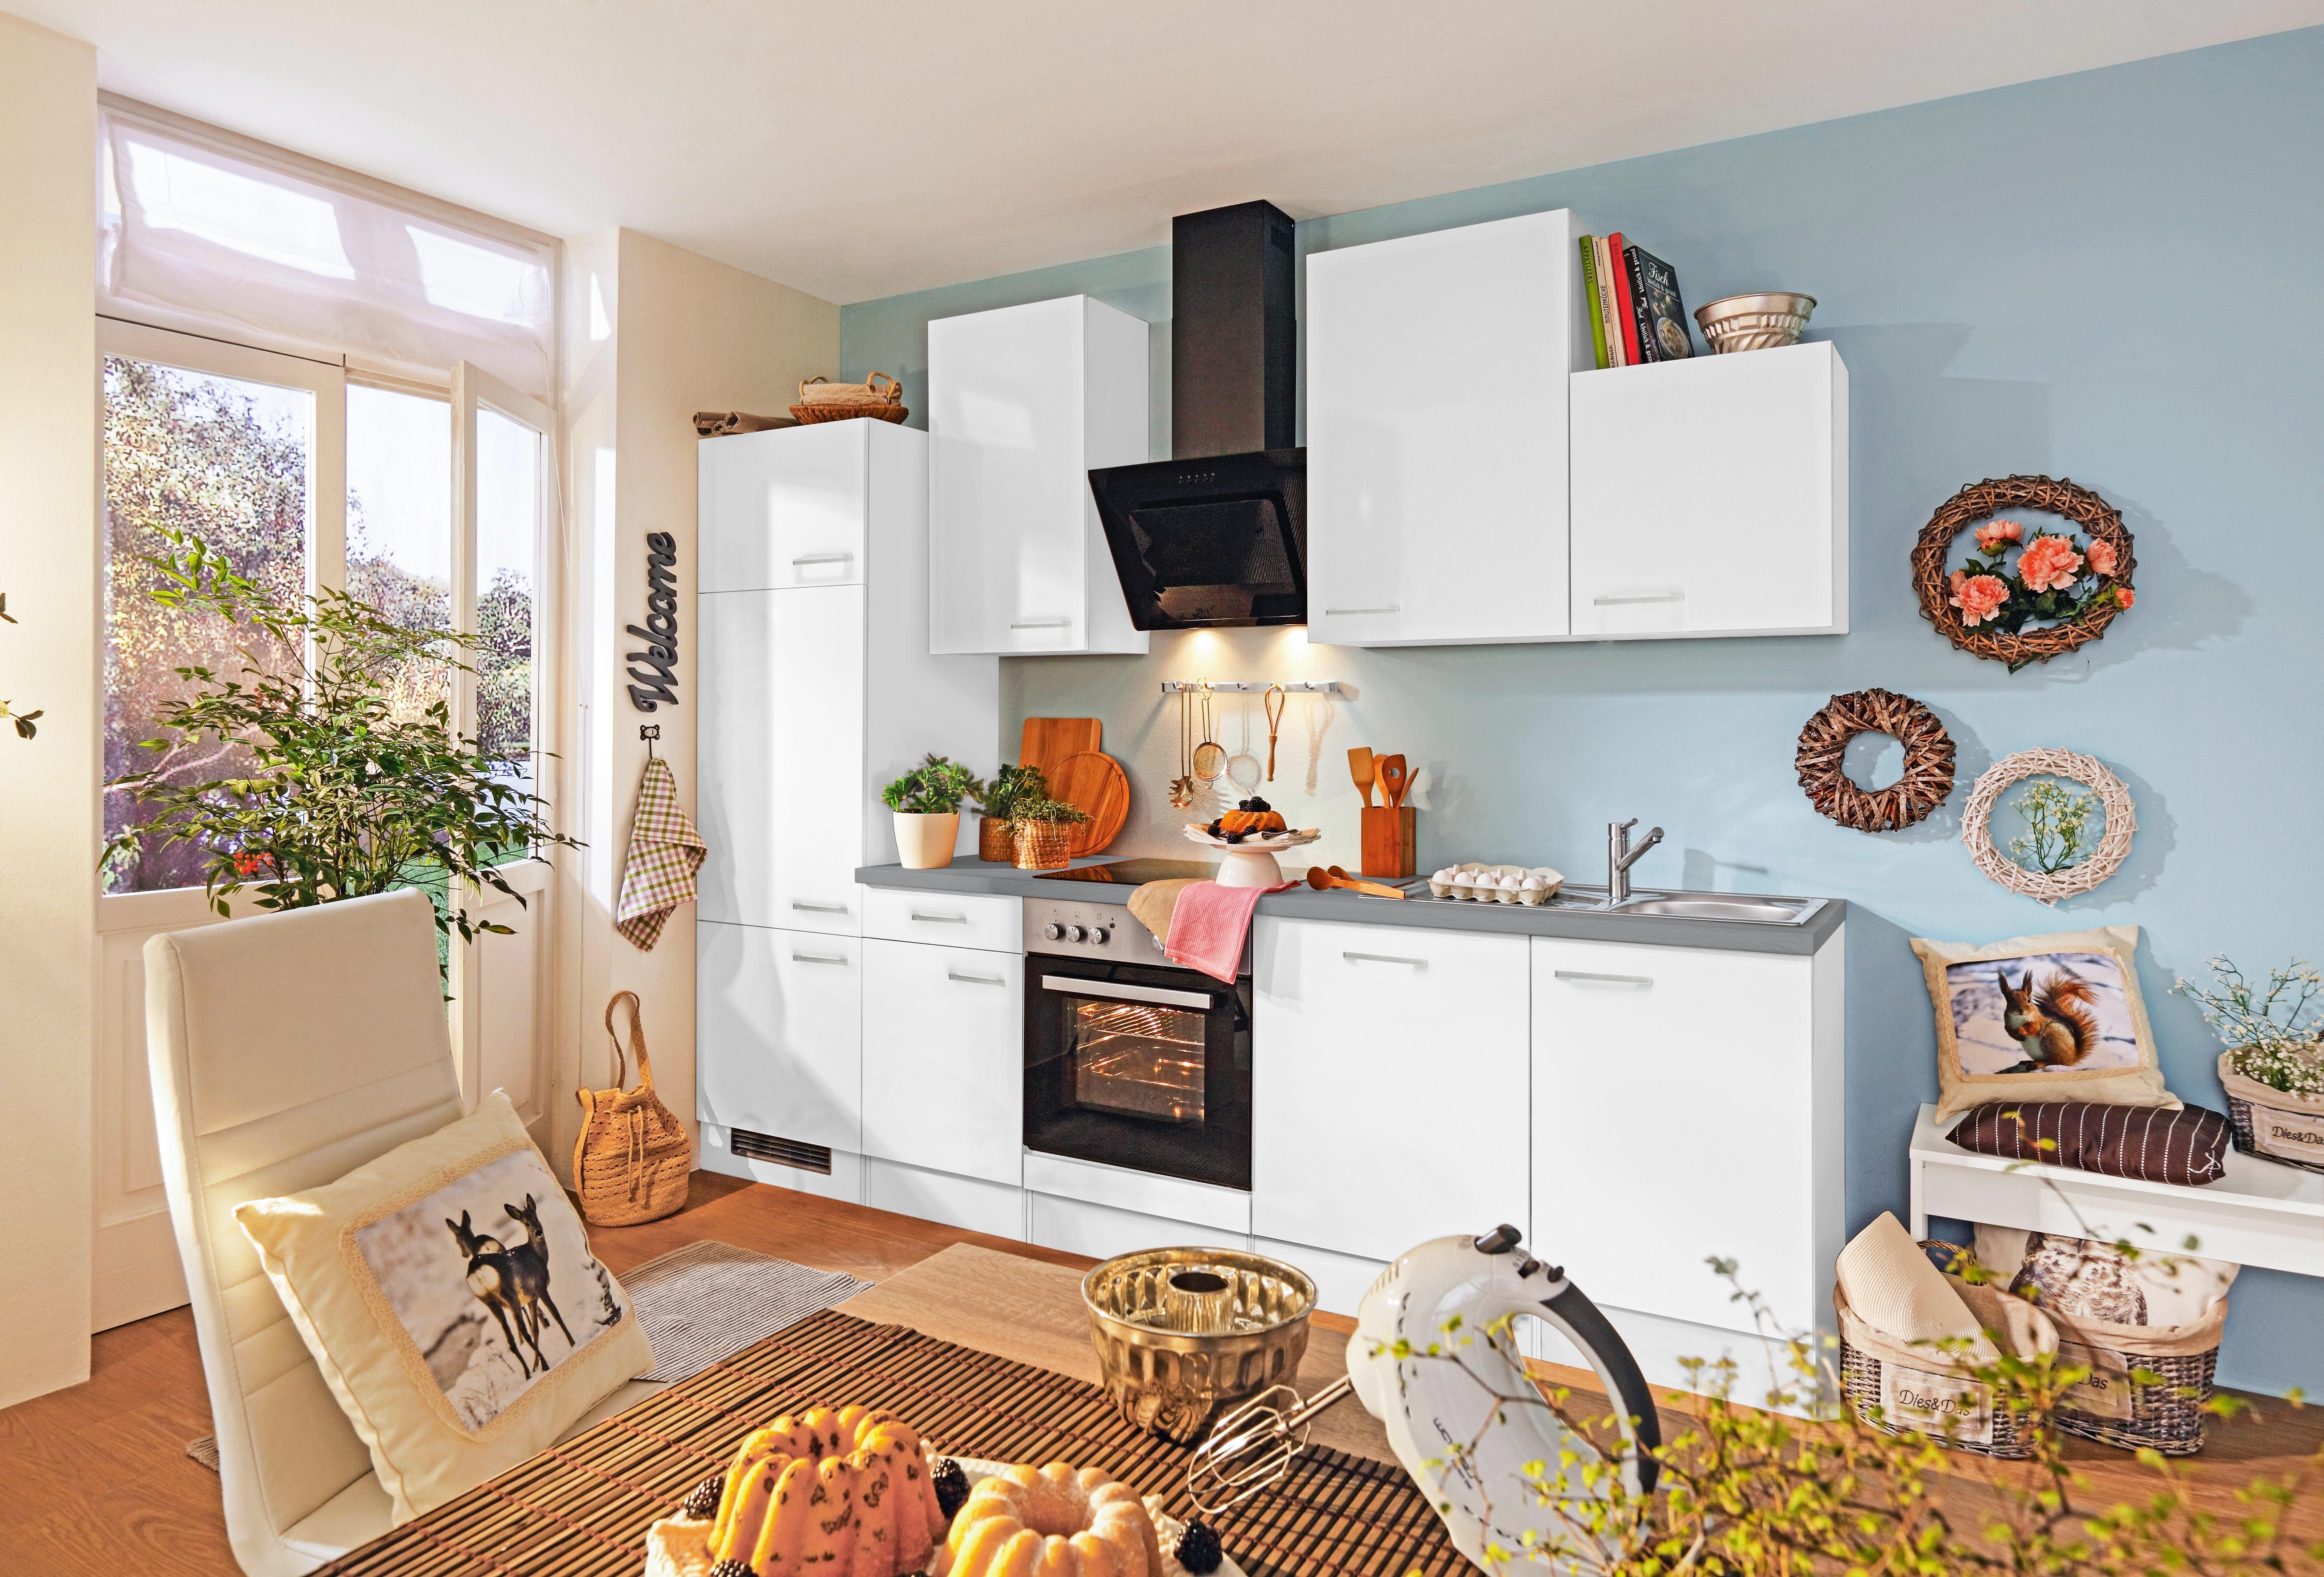 Großzügig Bugs In Küchenschränke Bilder - Ideen Für Die Küche ...